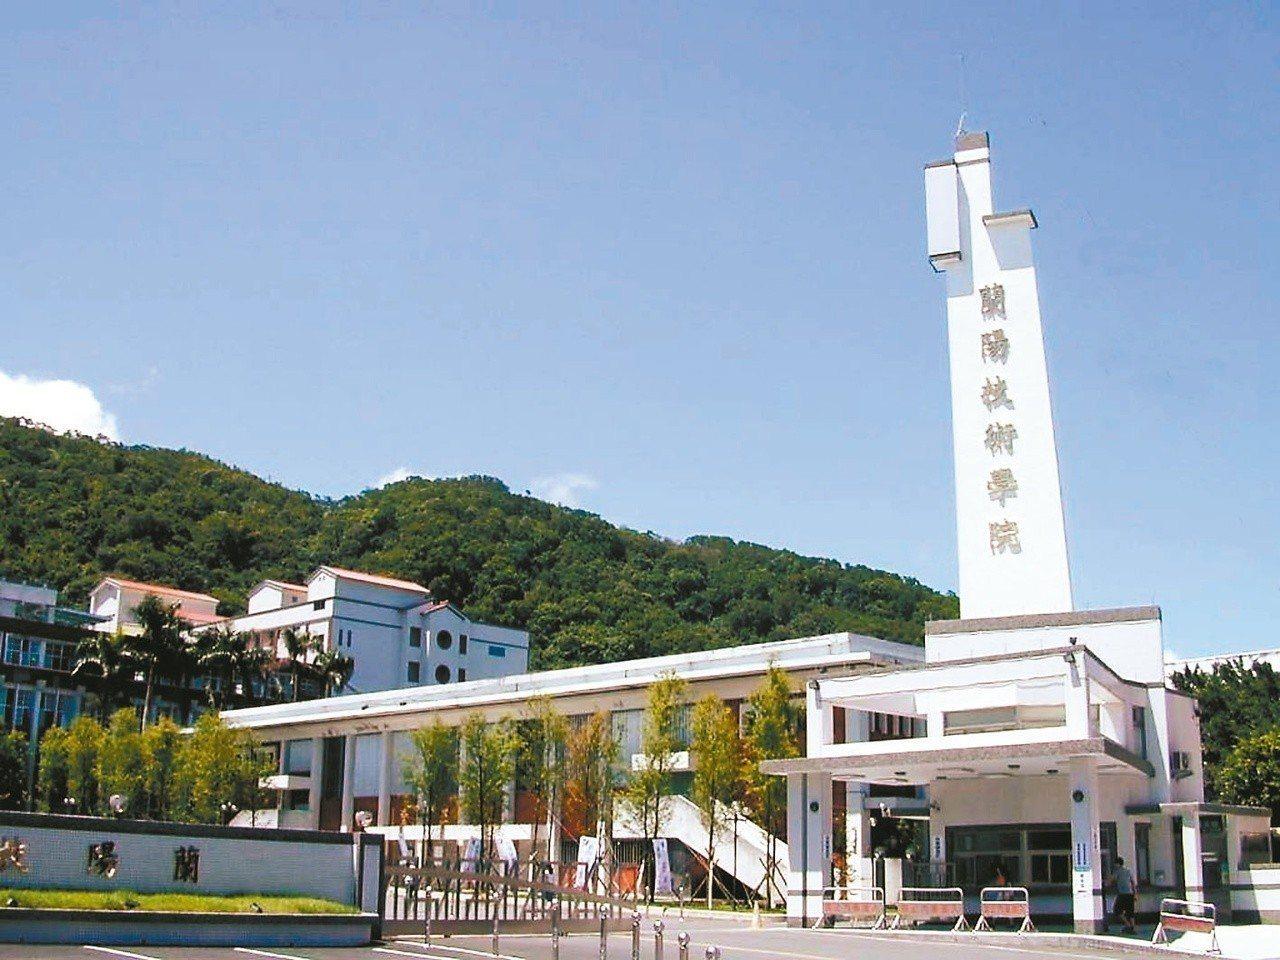 蘭陽技術學院學習環境優美。 圖/蘭陽技術學院提供